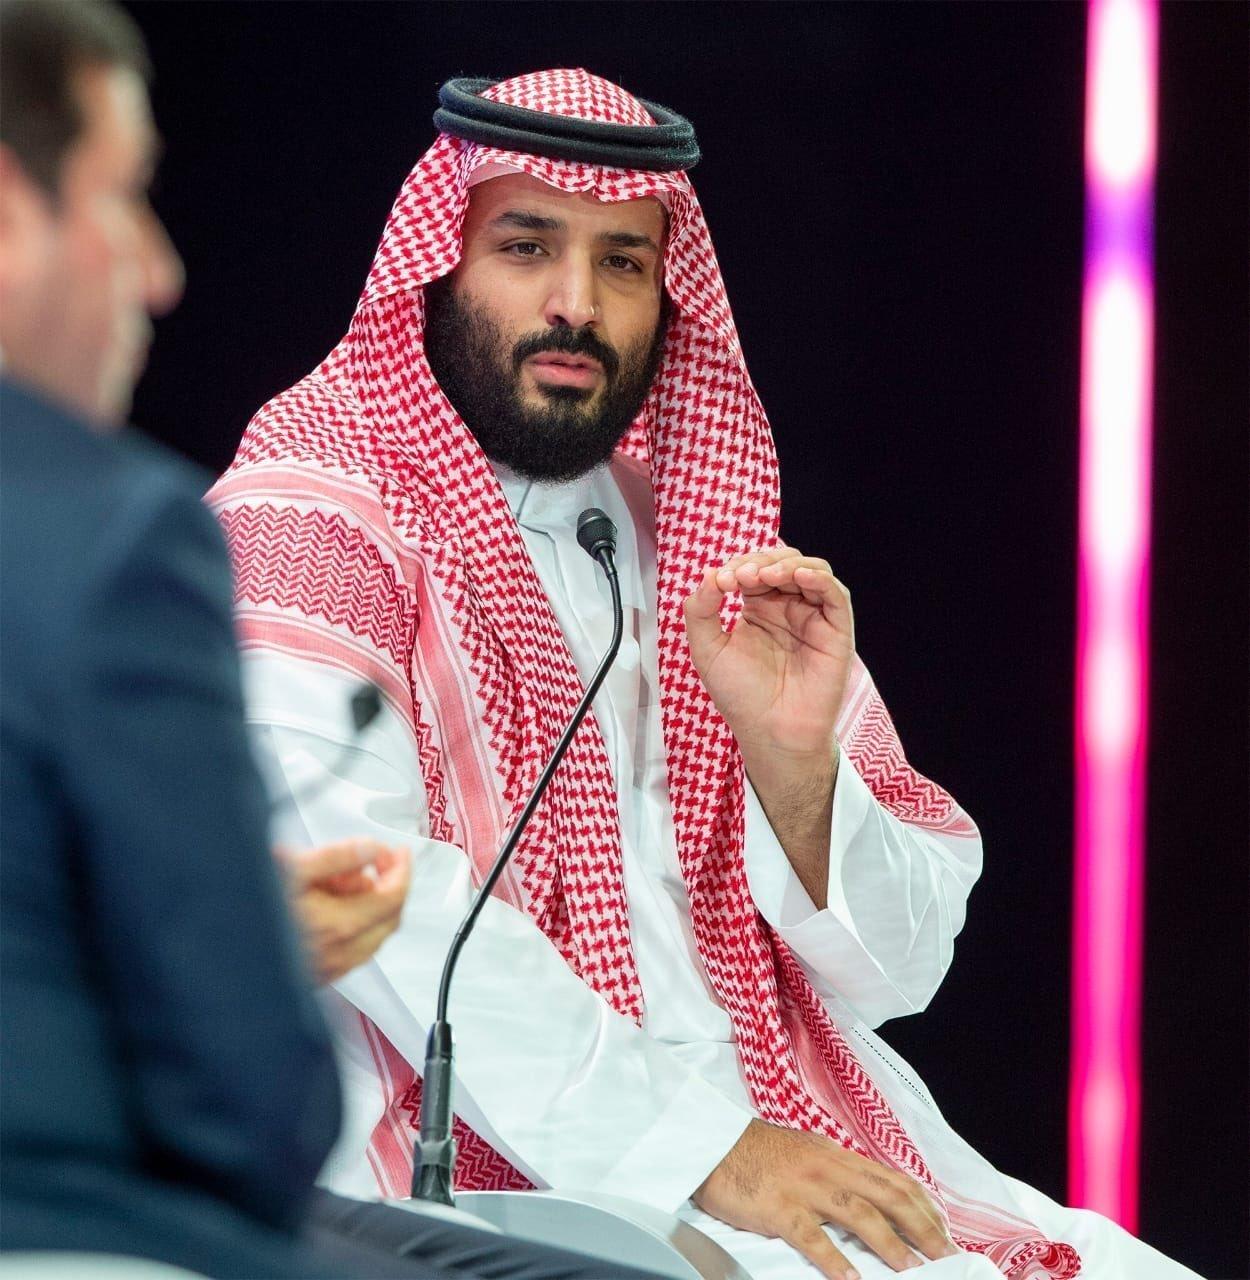 사우디가 또 말을 바꿨다. 카쇼기는 '계획적'으로